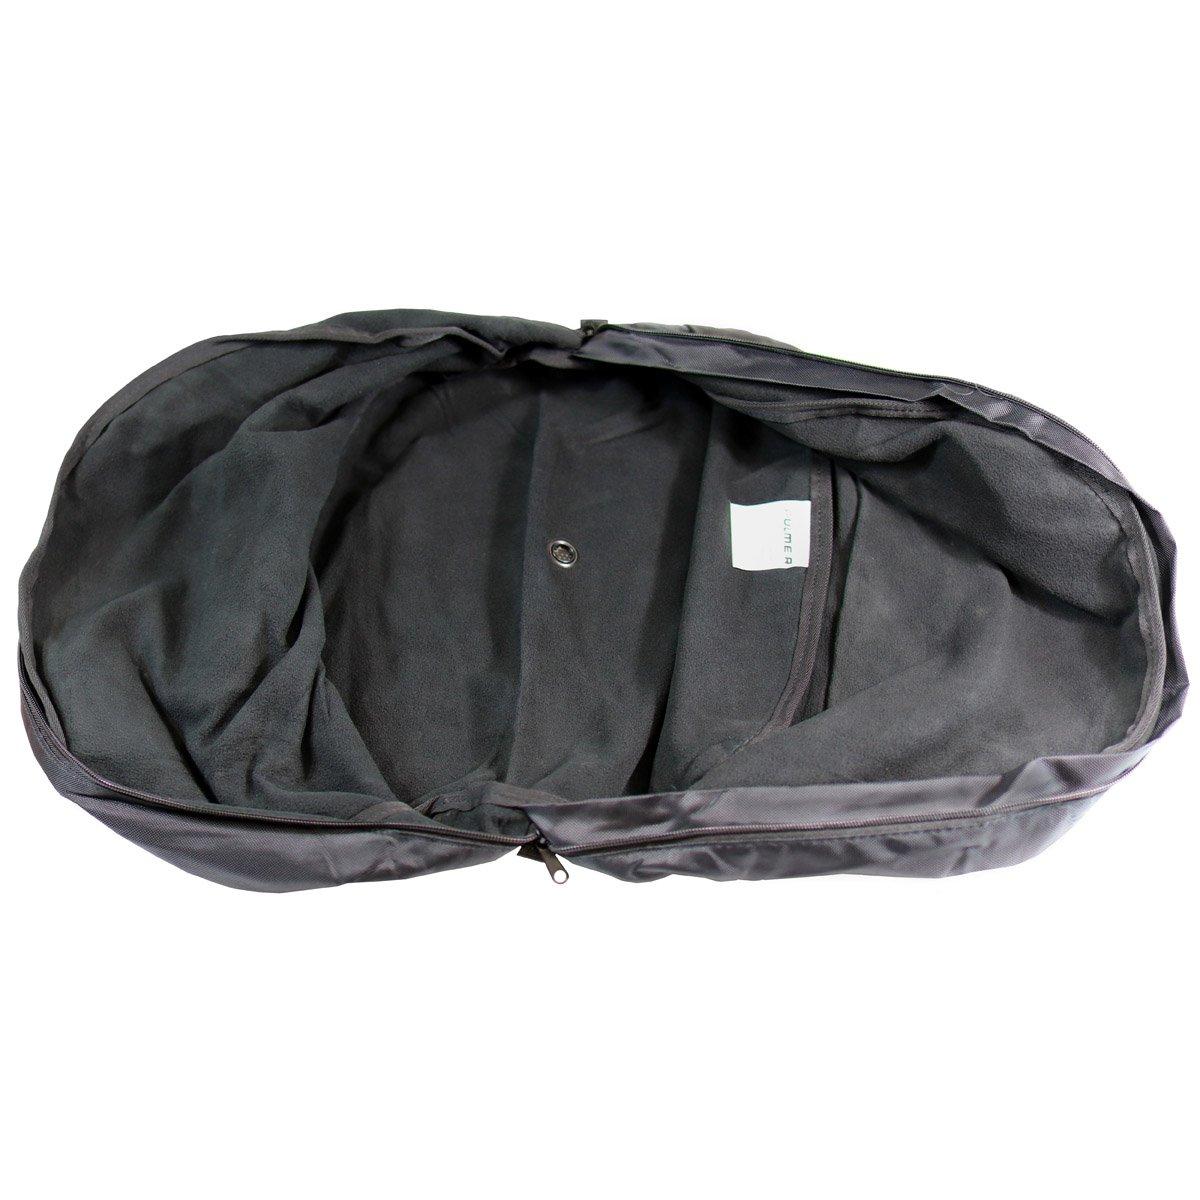 Fulmer AF-HELBAG05, Helmet Bag -Fleece Lining - Black by Fulmer (Image #3)